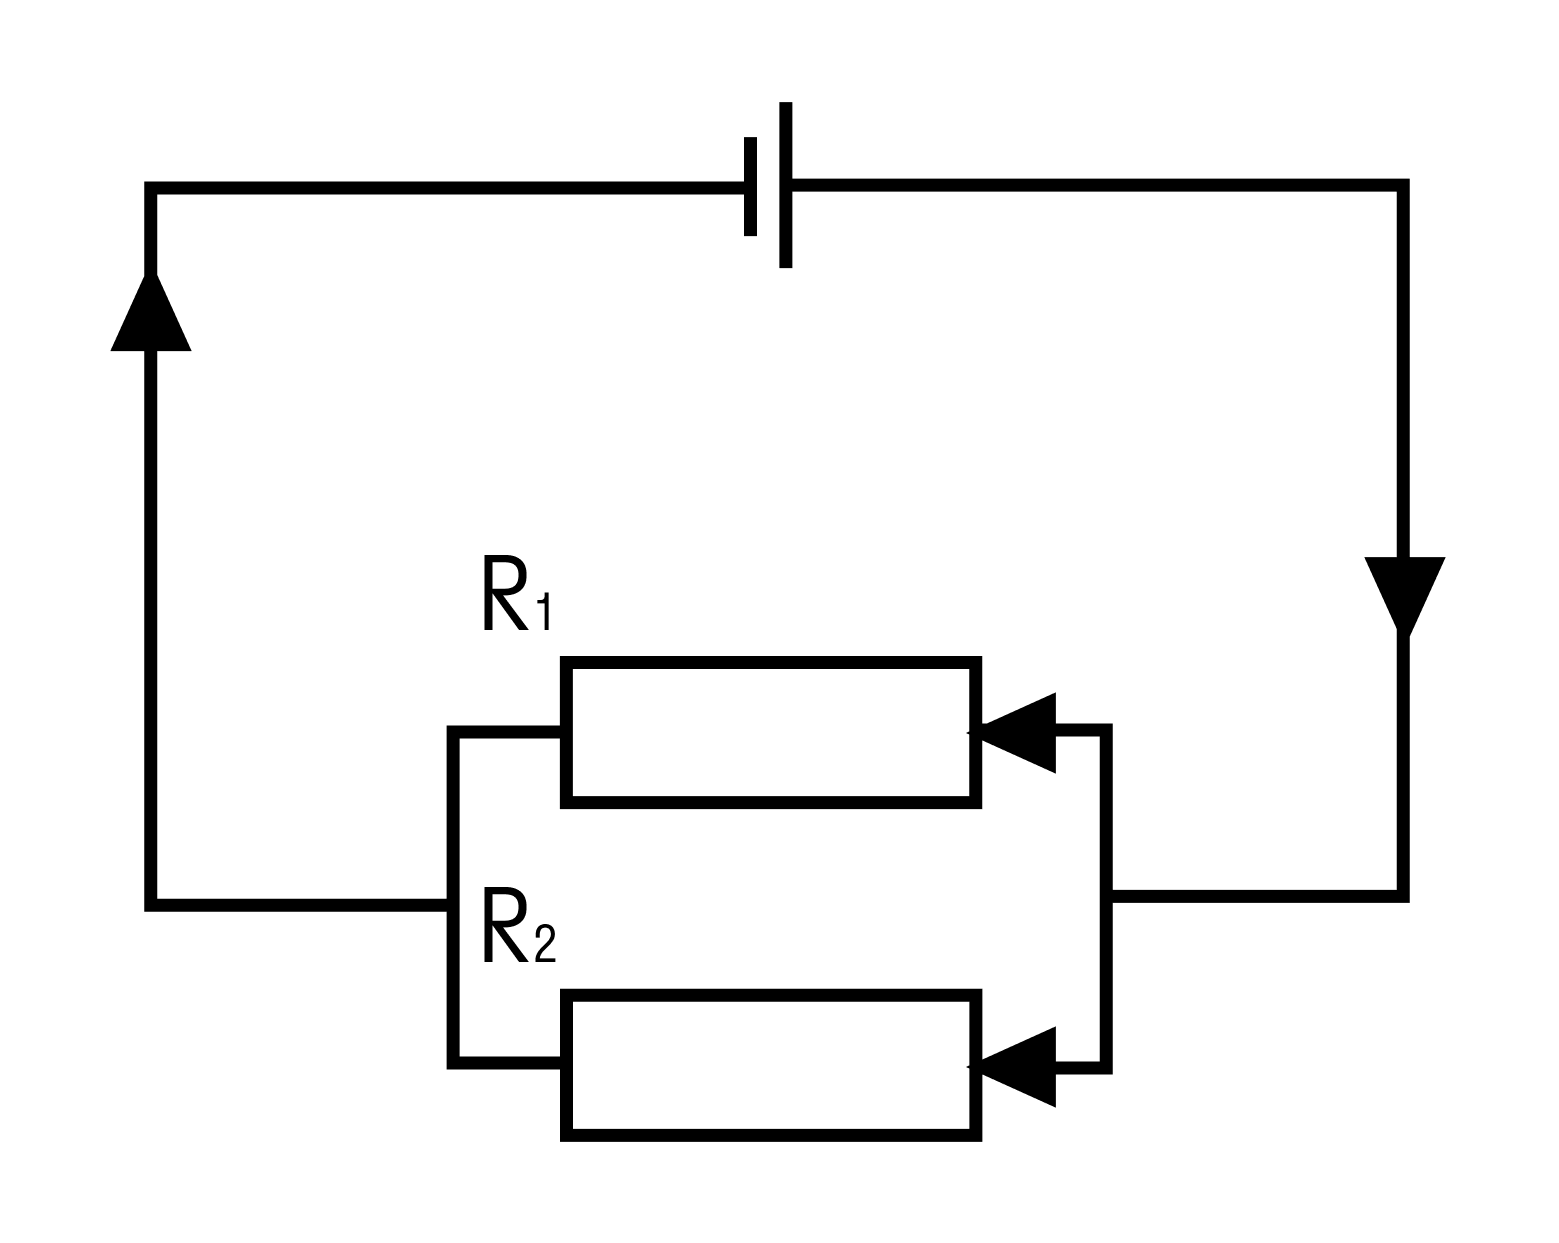 Между резисторами есть два узла